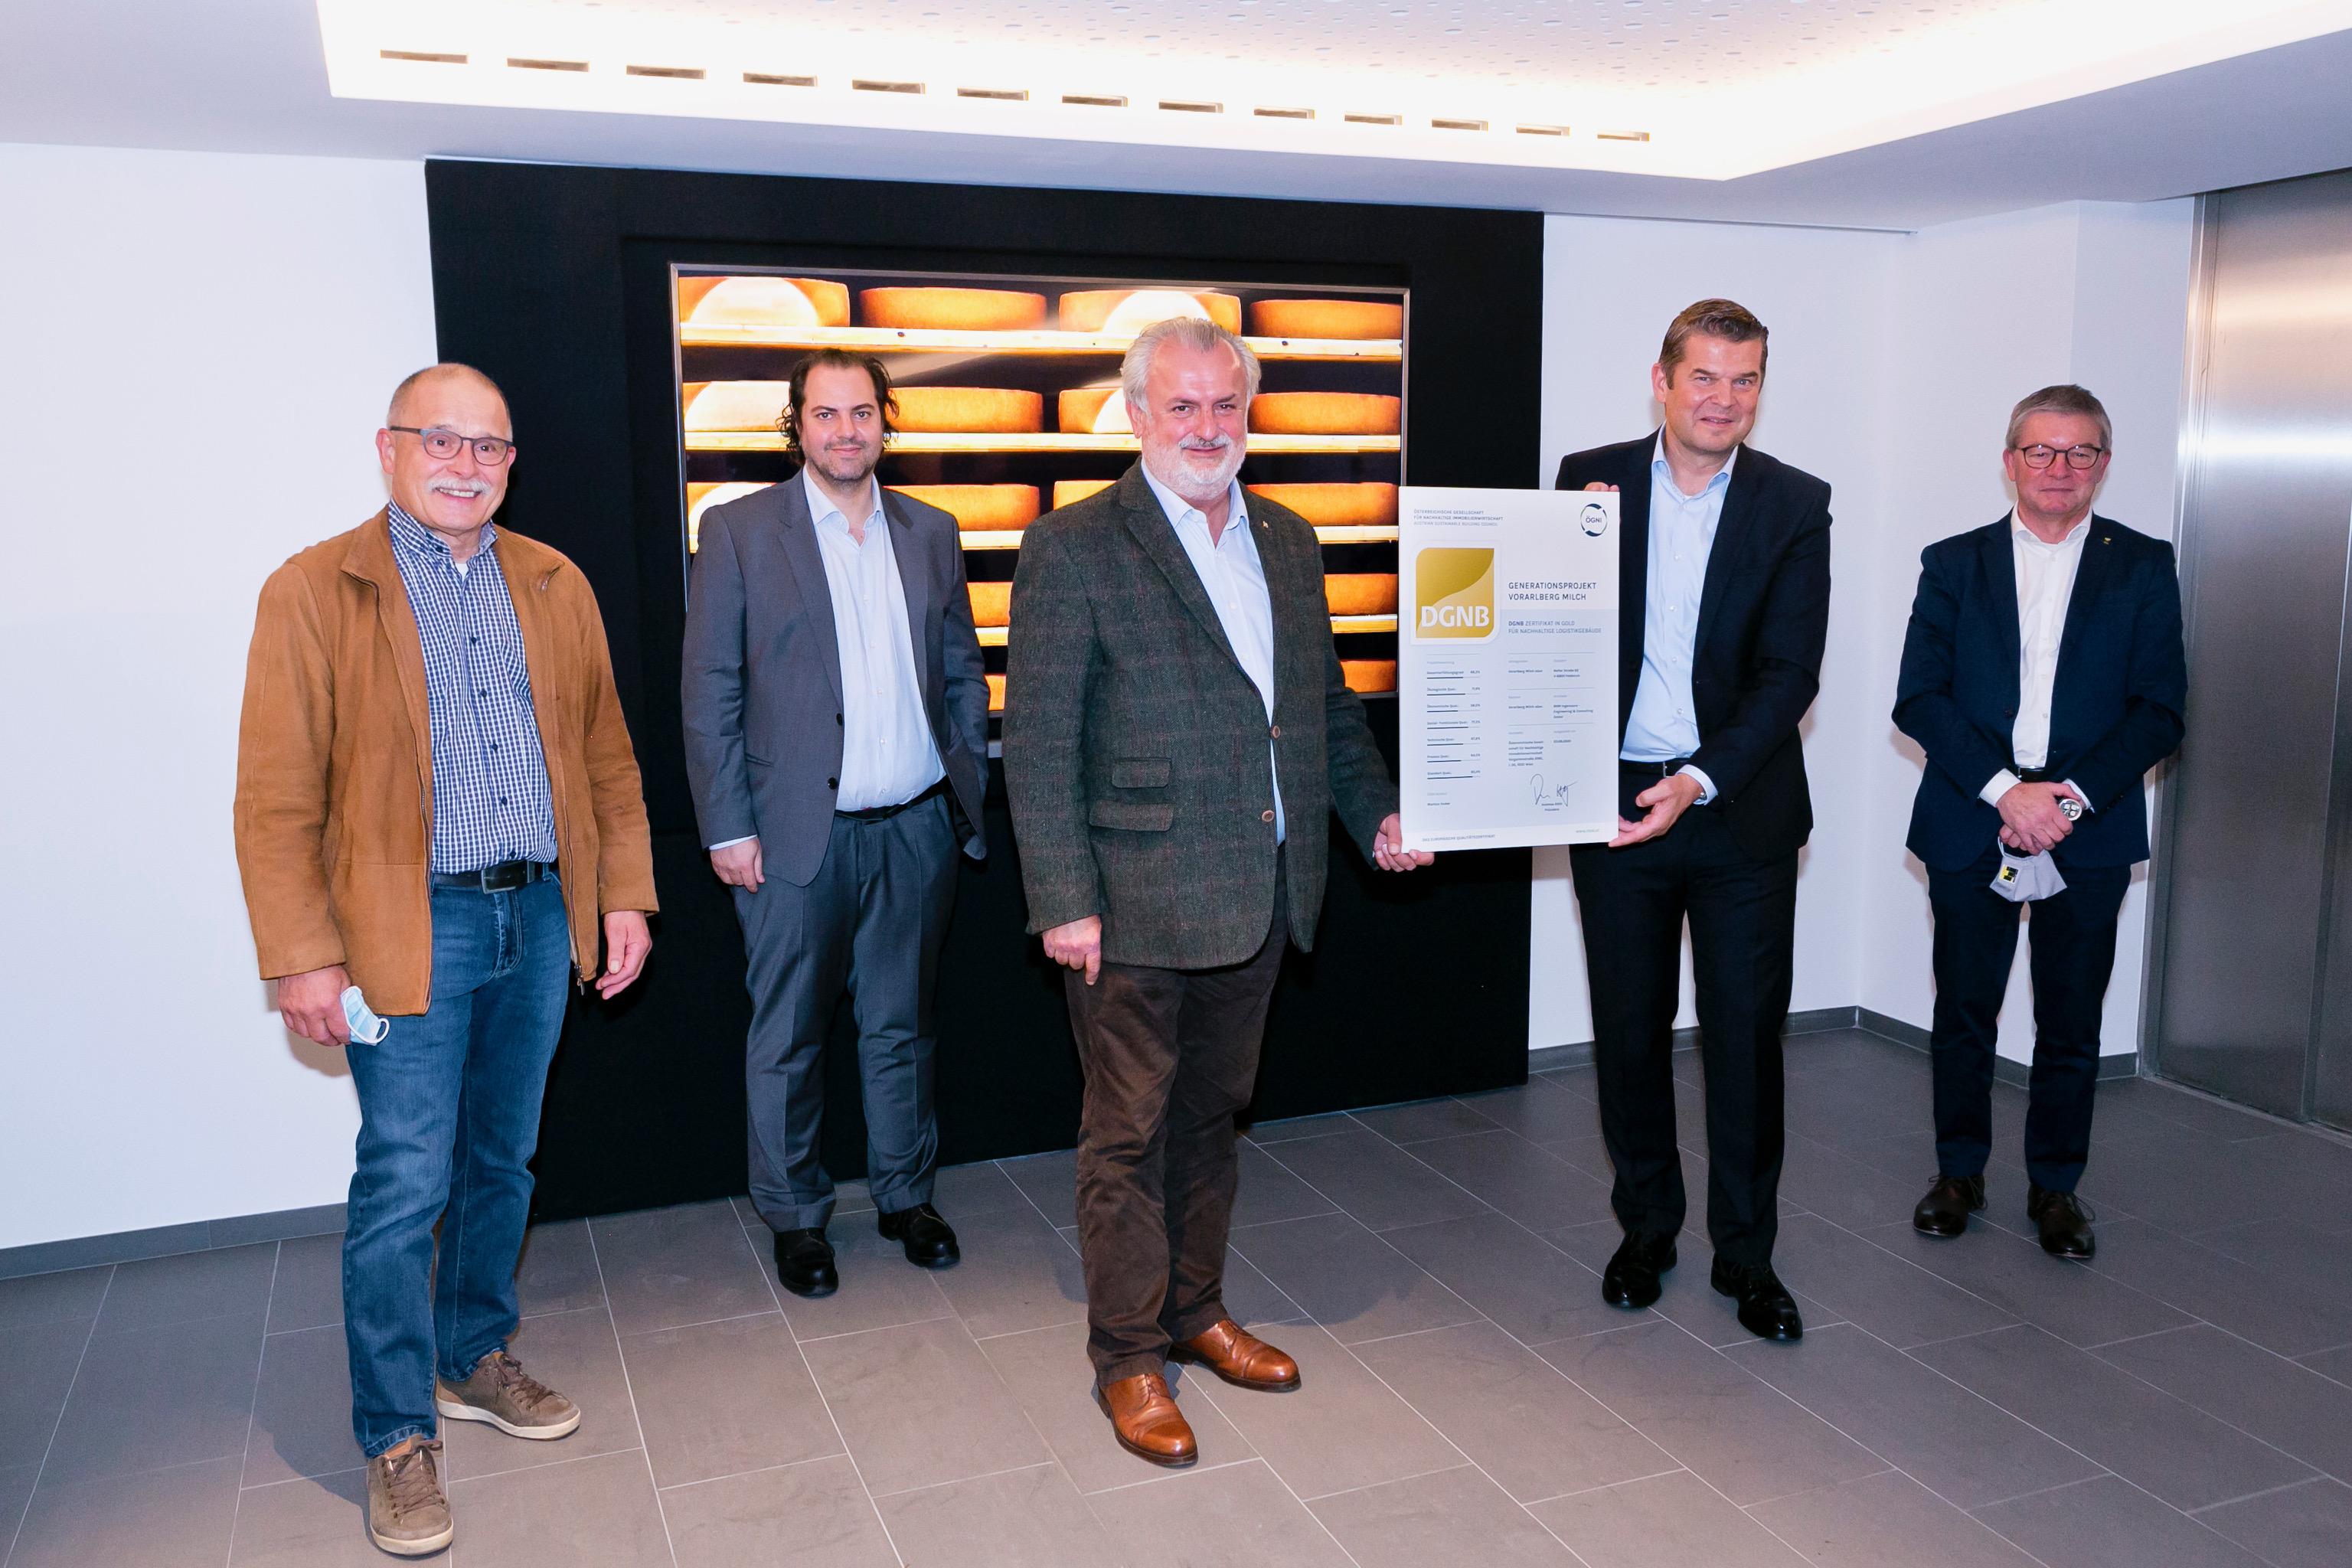 Erste Molkerei weltweit erhält DGNB-Zertifikat